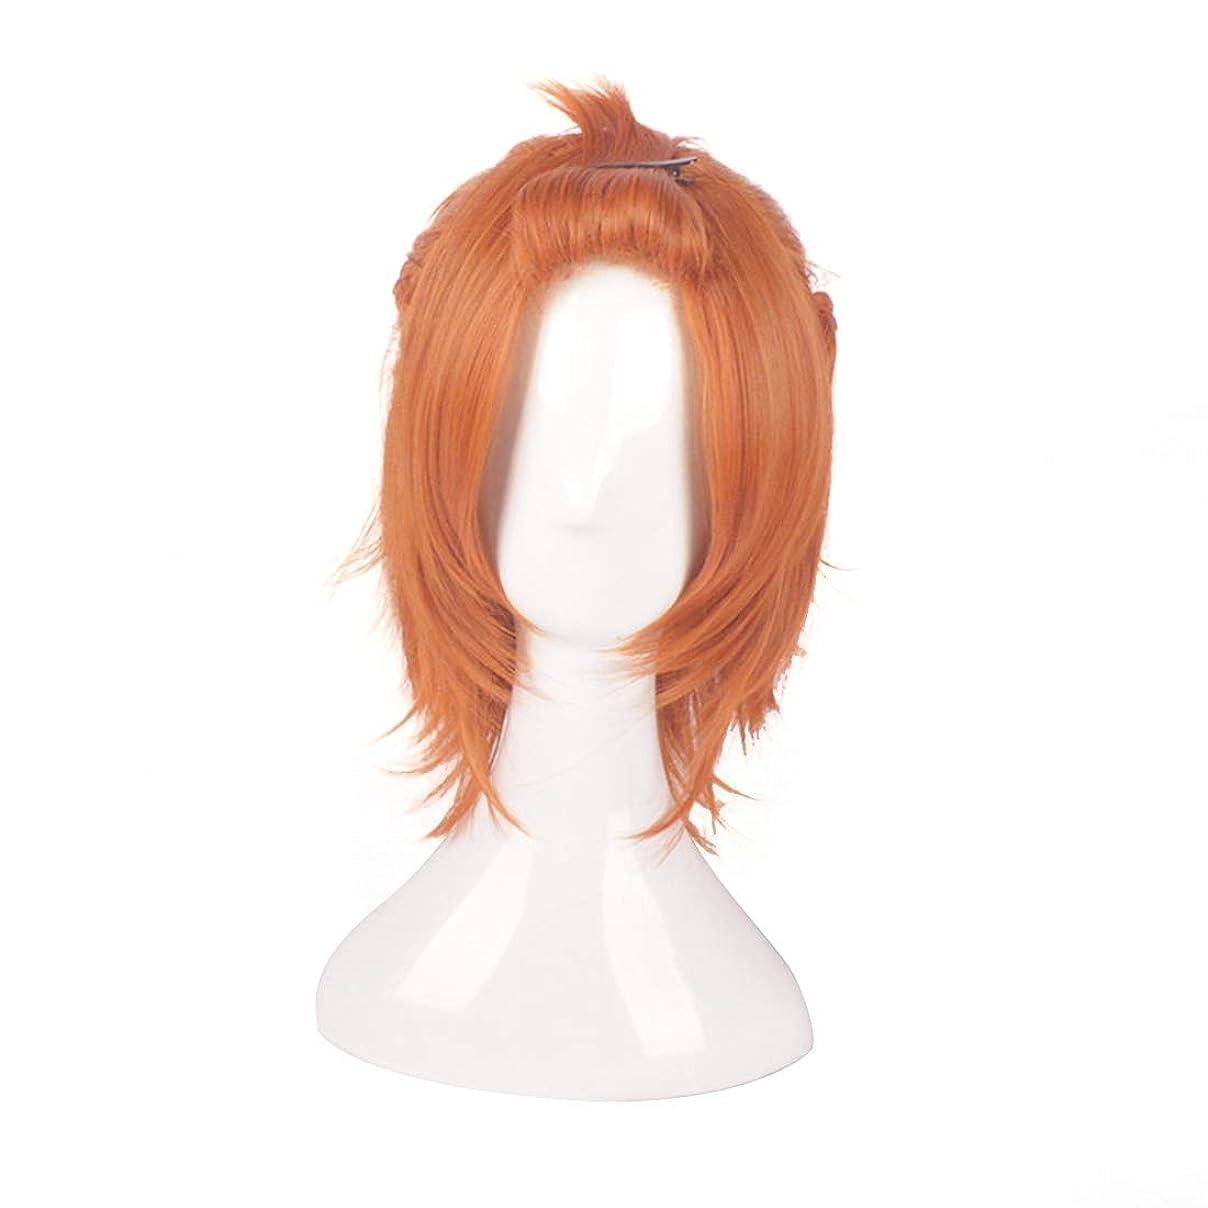 変位地平線キウイJIANFU ショートヘアオレンジマイクロショートヘアヨーロッパとアメリカアニメスタイルウィッグコスプレウィッグ君のために (Color : オレンジ)